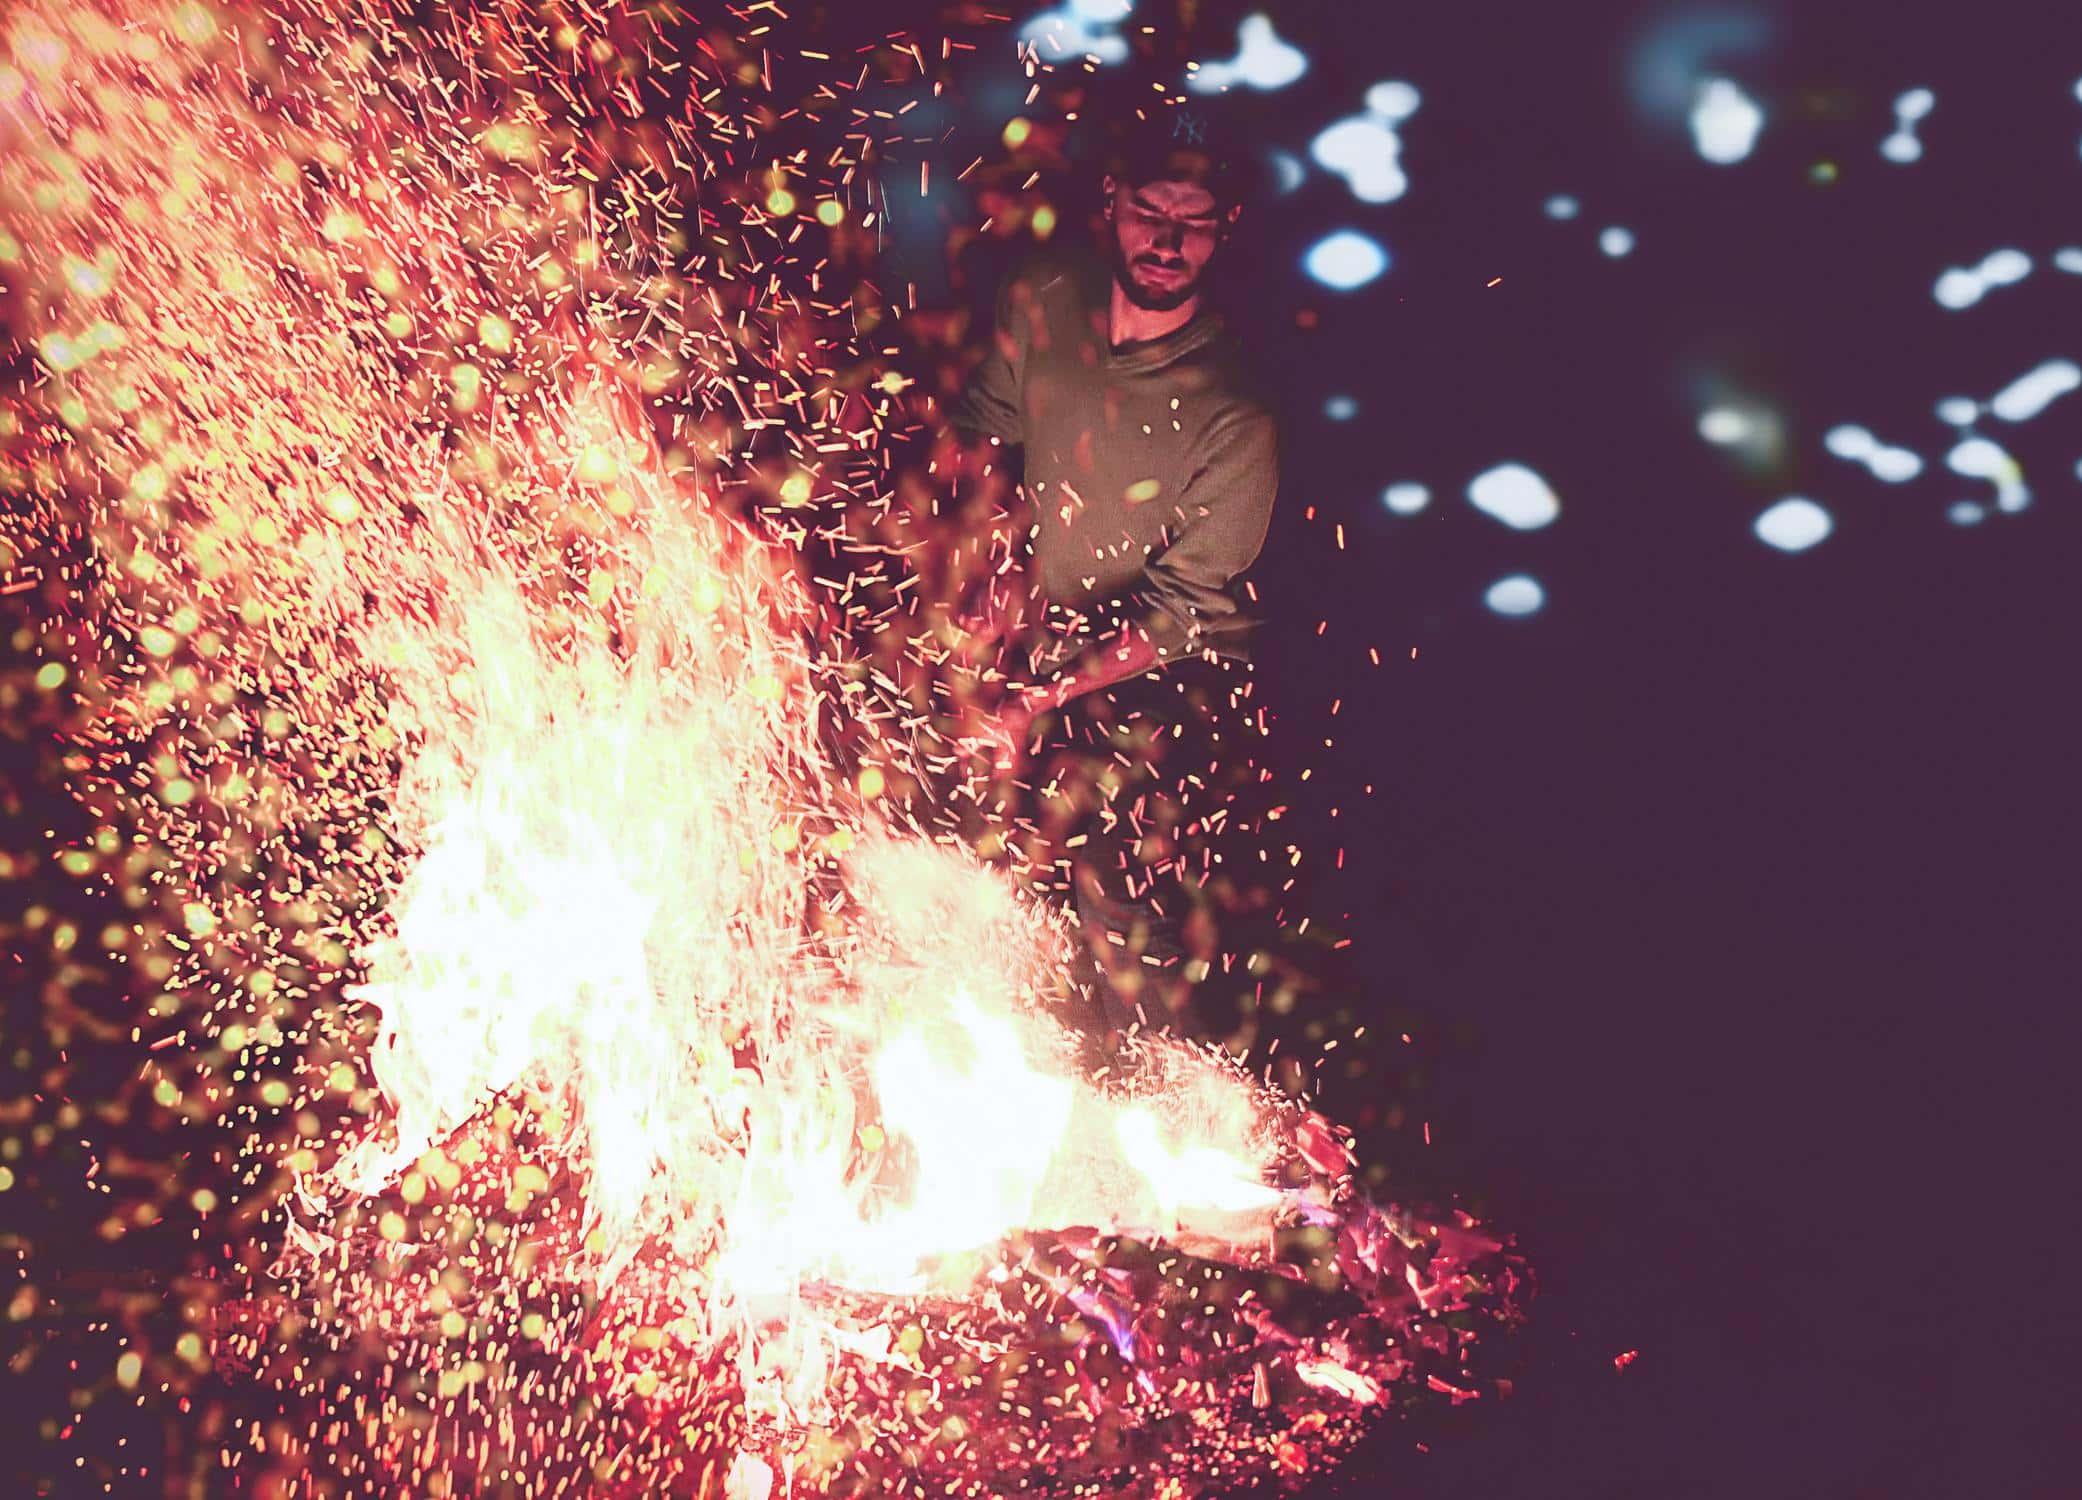 Die Reaktion von Schnee und Feuer, verhält sich ähnlich wie Wasser und heißes Öl.